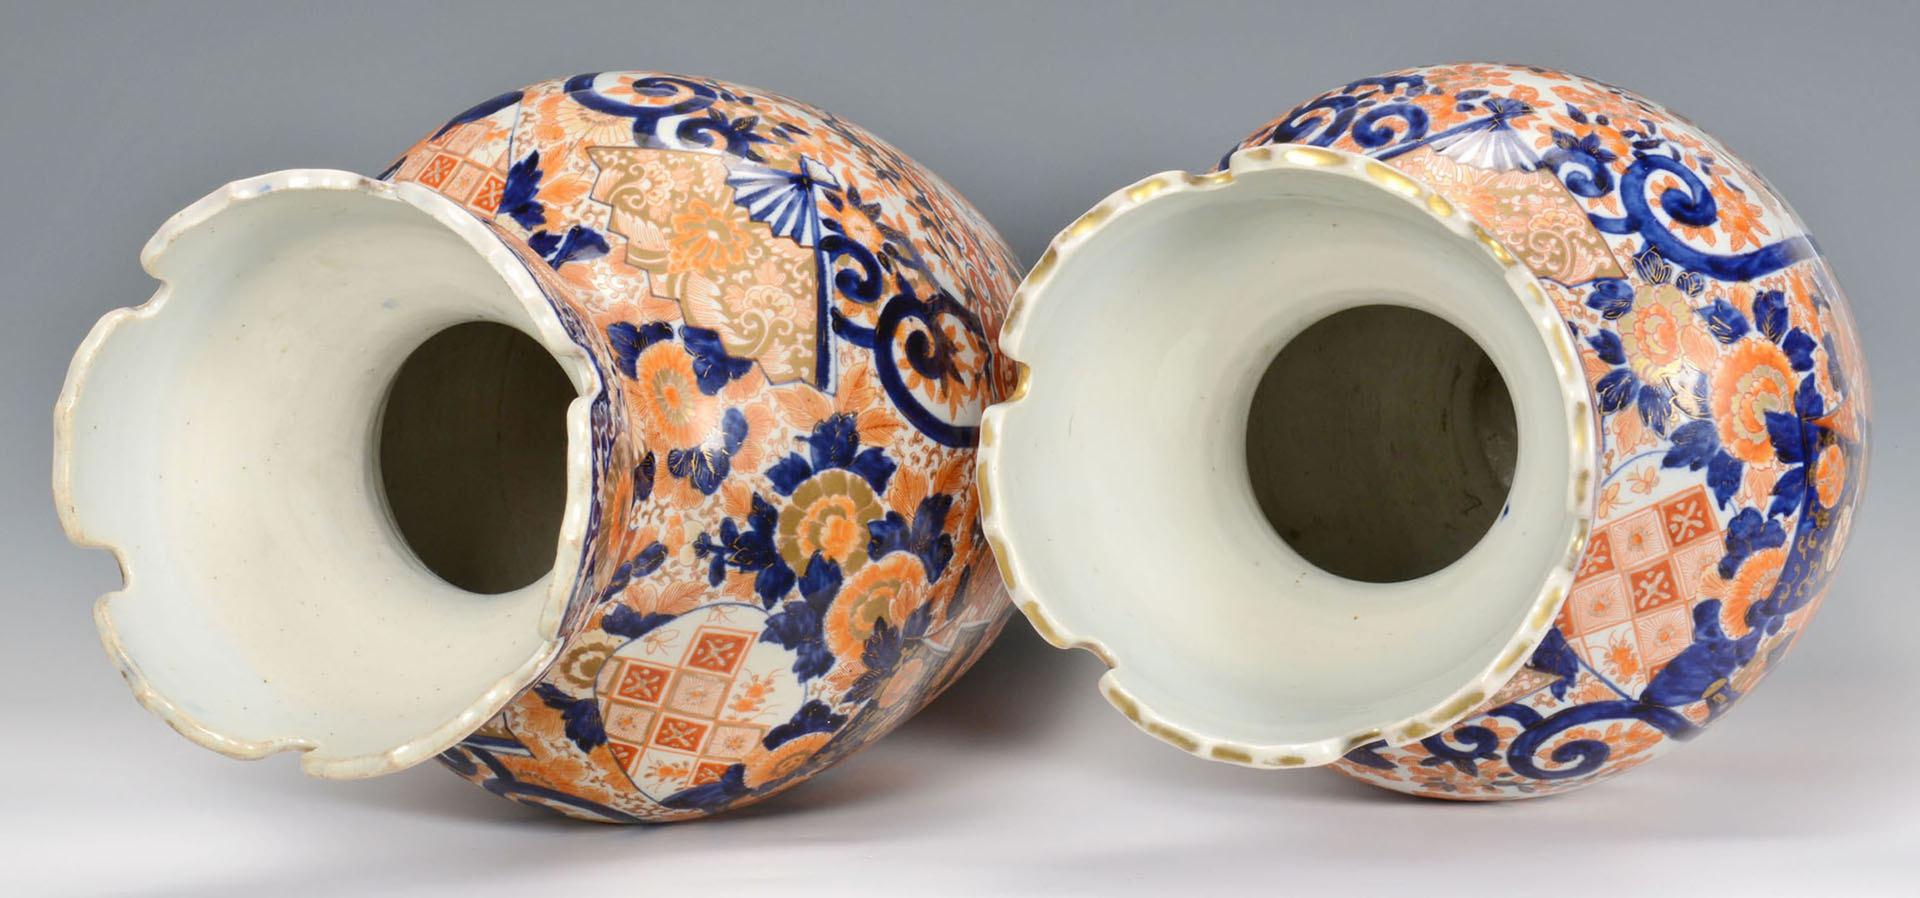 Lot 12: Pr. Large Imari Floor Vases w/ Crane Design